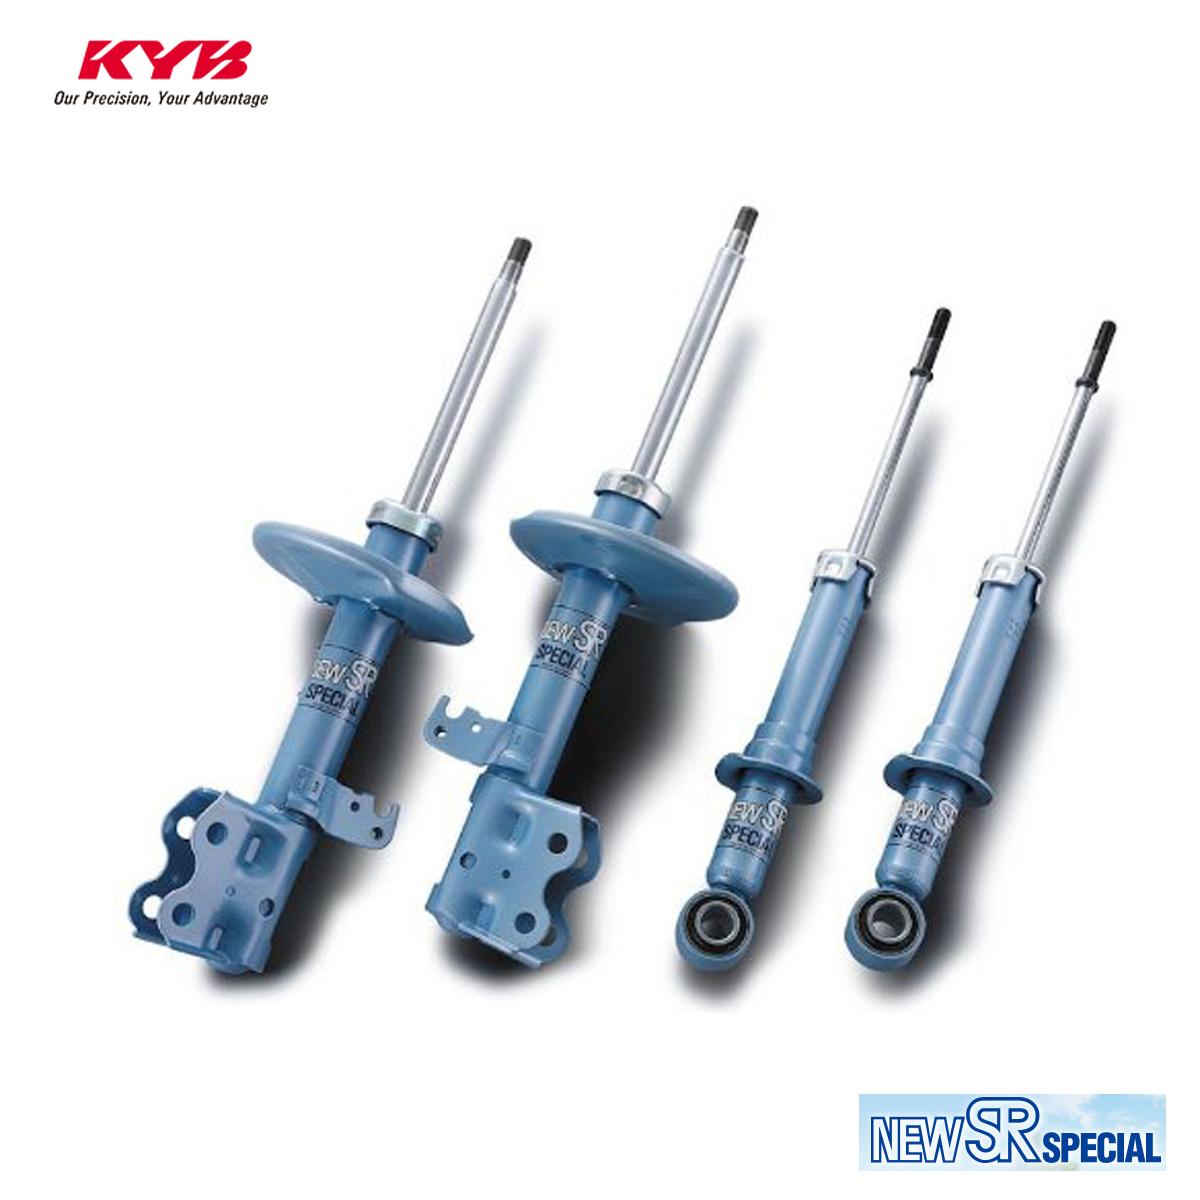 KYB カヤバ ミニカ トッポ BJ H22V ショックアブソーバー フロント左用 1本 NEW SR SPECIAL NST8007L 配送先条件有り